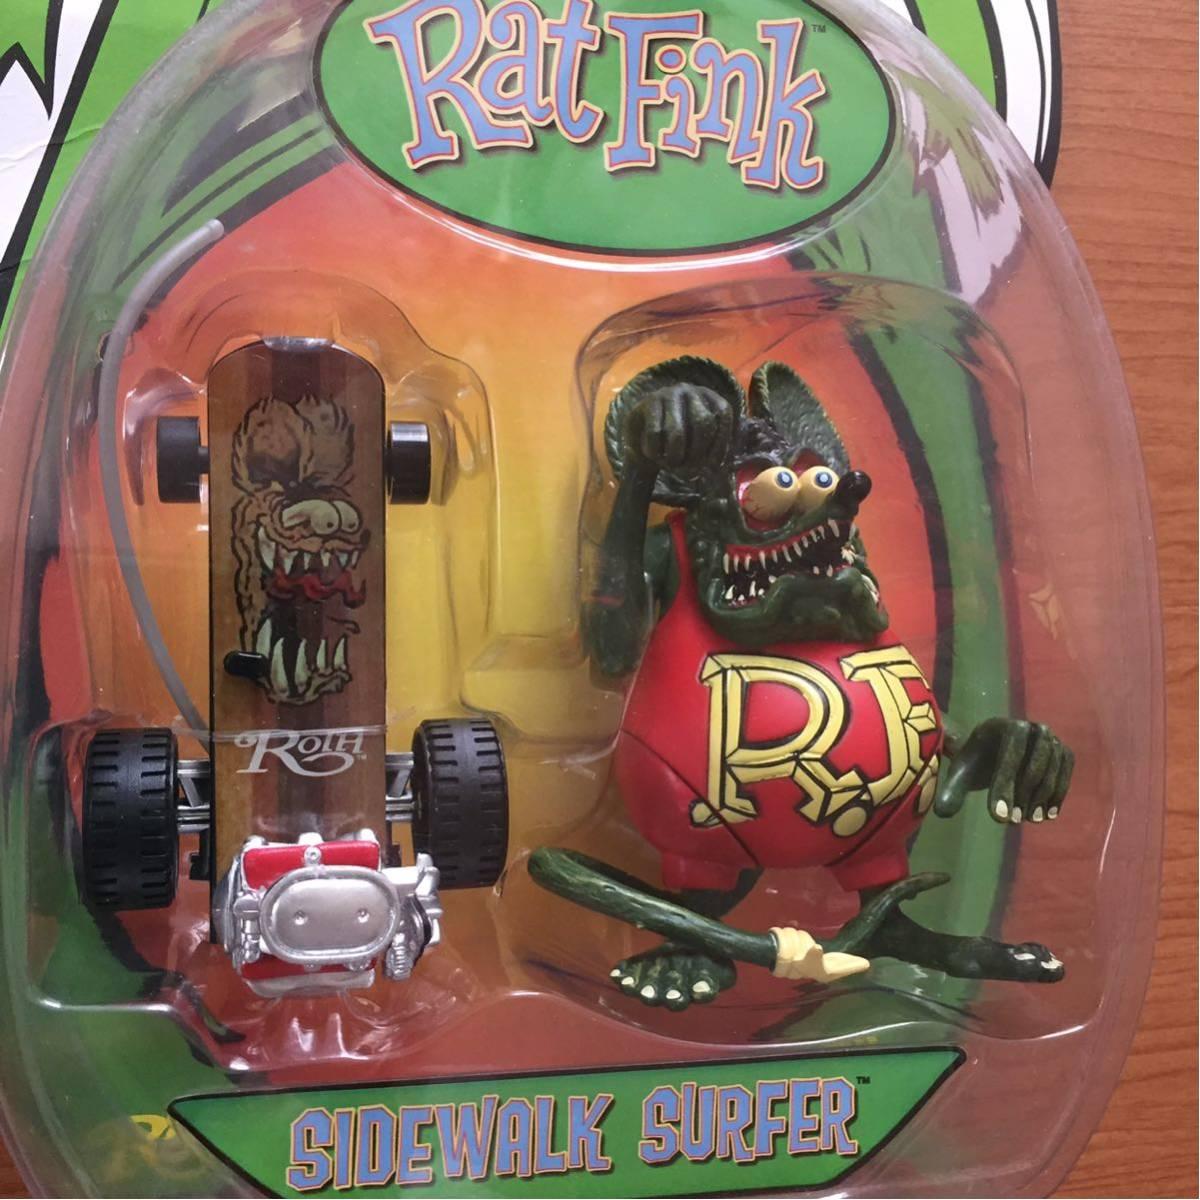 ラットフィンク Ratfink フィギュア アメリカ ハワイ トラック USDM ムーンアイズ チョッパー ハーレー カスタム ホットロッド 世田谷